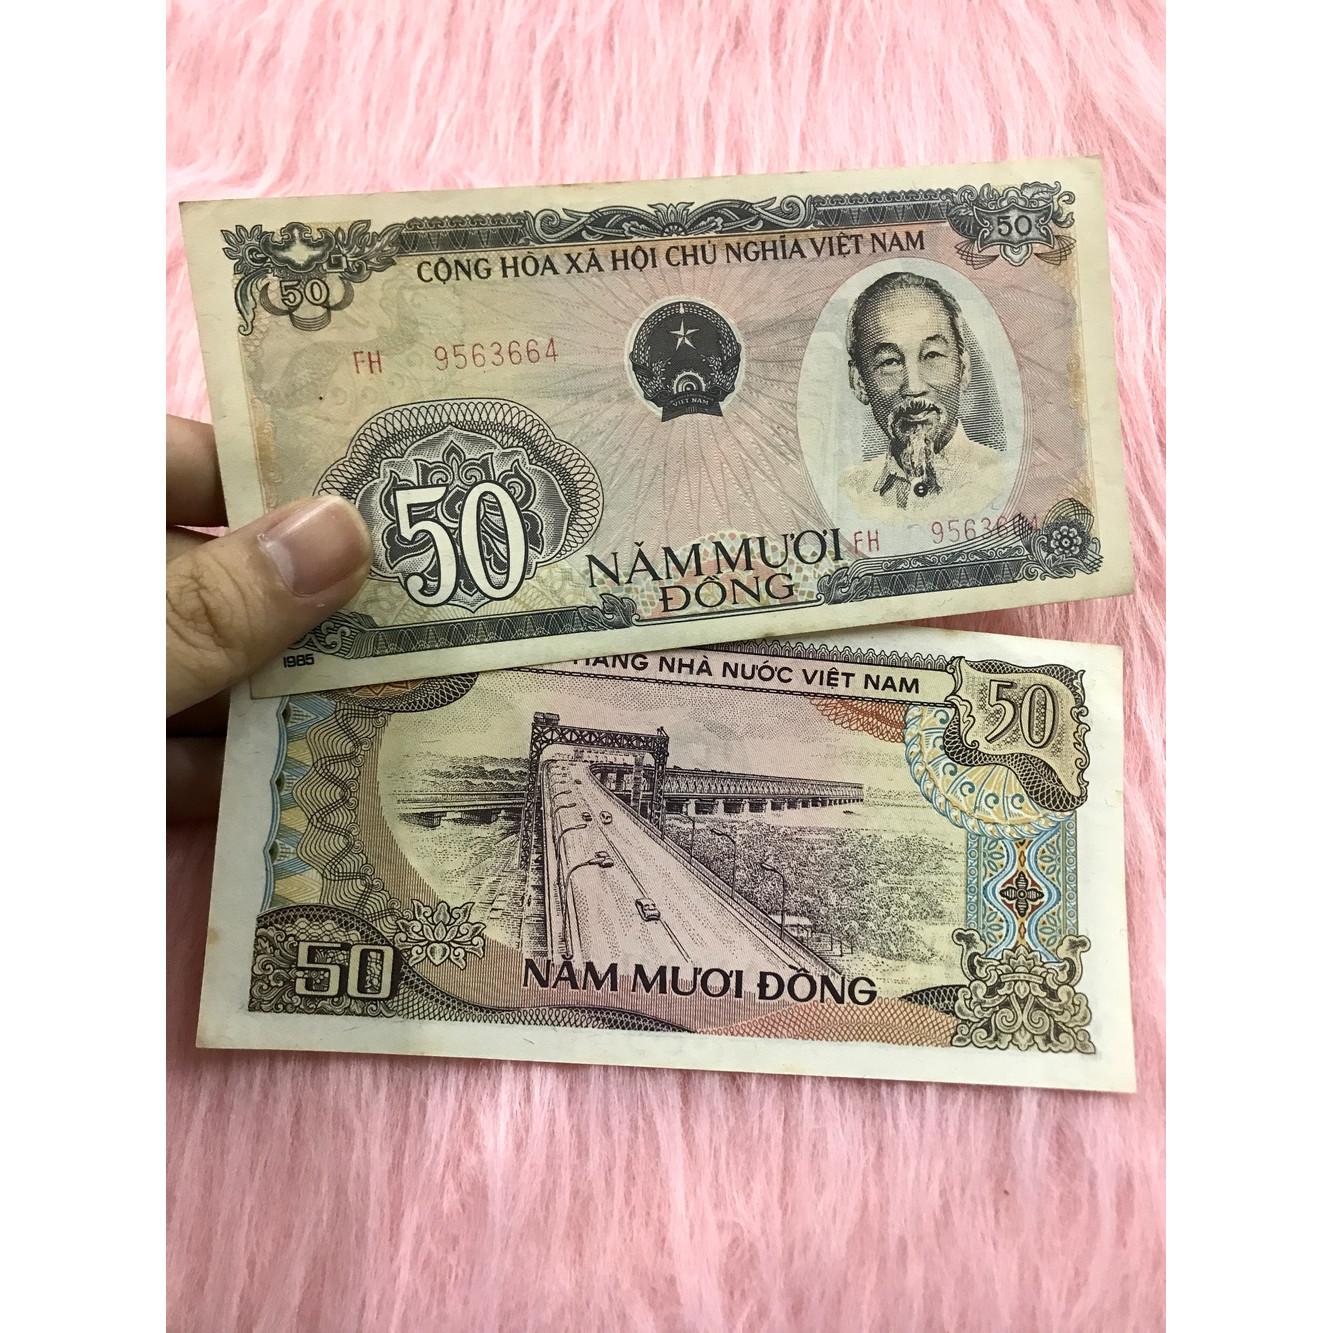 Tờ tiền 50 đồng 1985 , 50 đồng cầu Thăng Long Hà Nội , tiền cổ Việt Nam sau giải phóng đã hết lưu hành - tặng kèm bao lì xì đỏ - The Merrick Mint